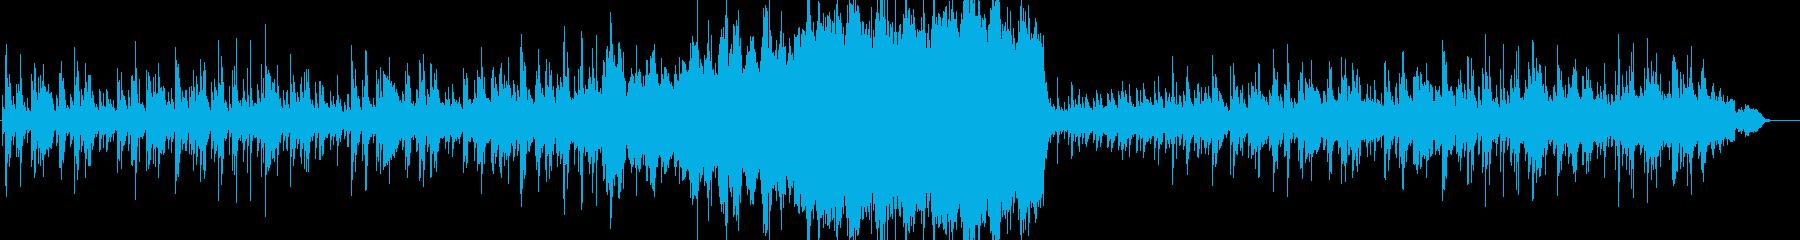 ケルト センチメンタル 感情的 や...の再生済みの波形